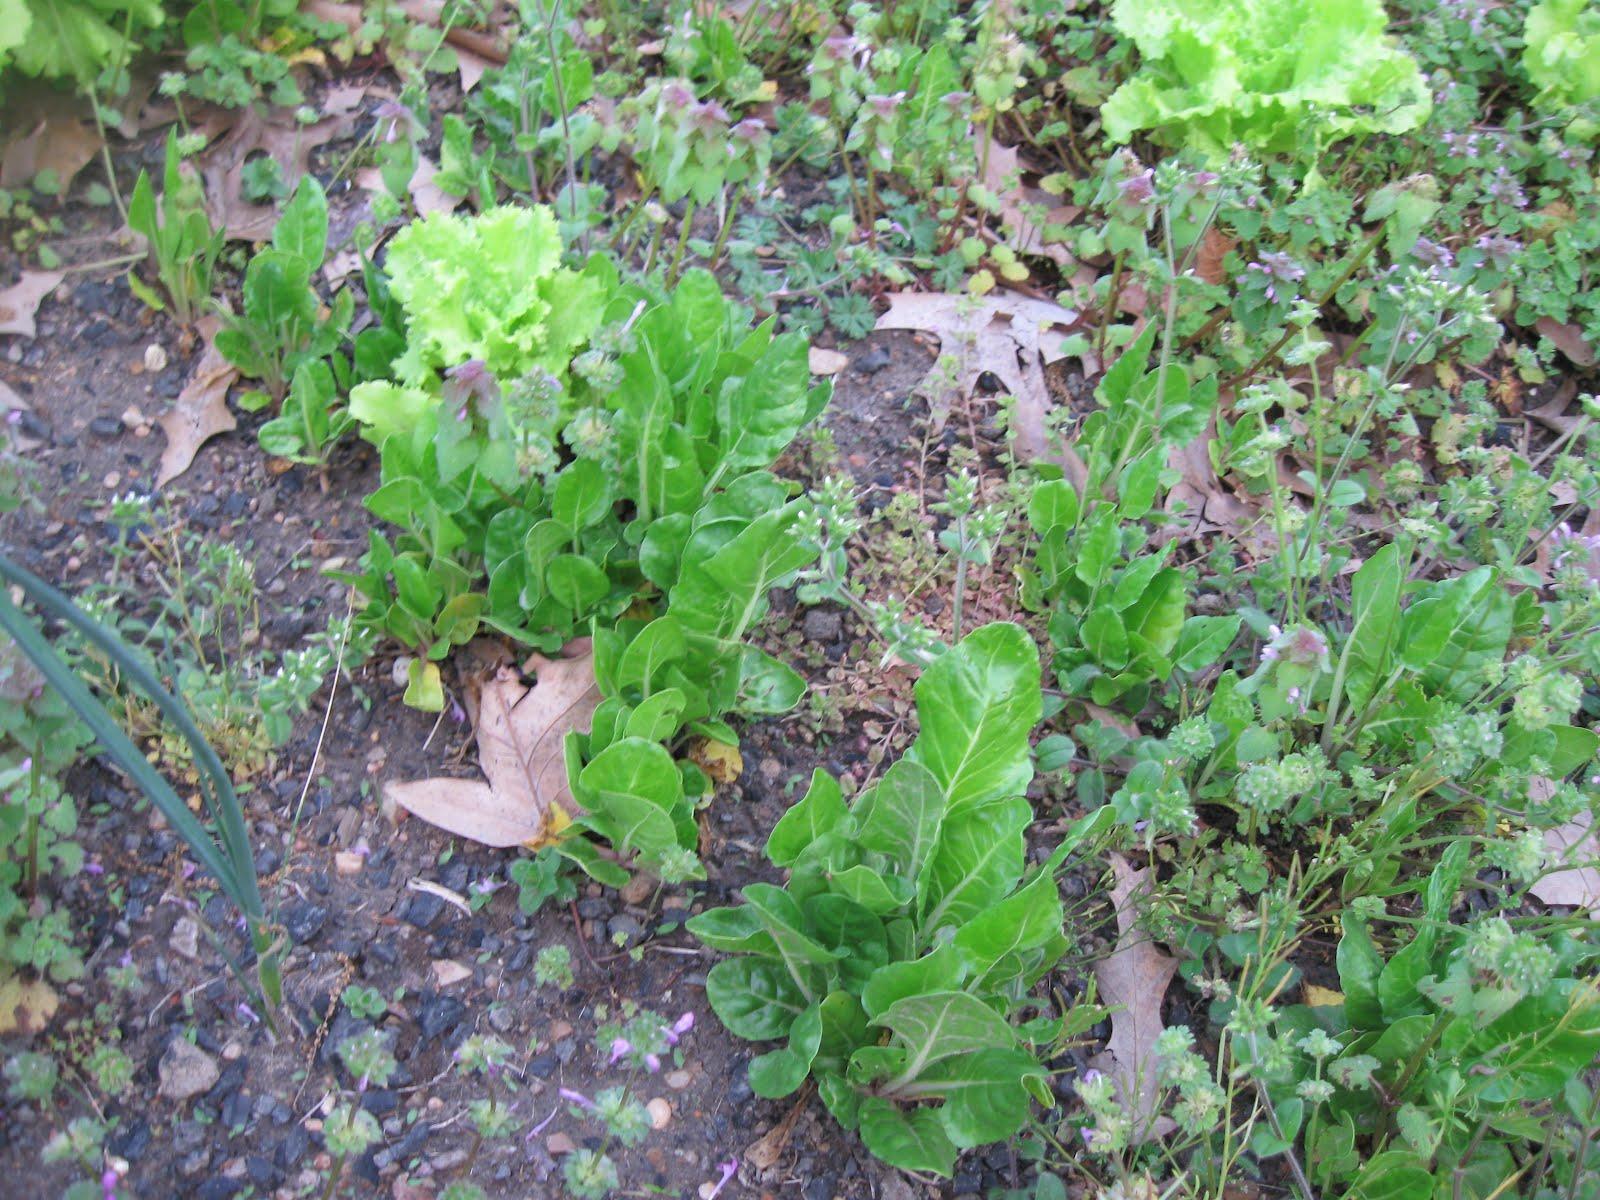 Kentucky Fried Garden Preparing The Vegetable Garden Soil For Tilling